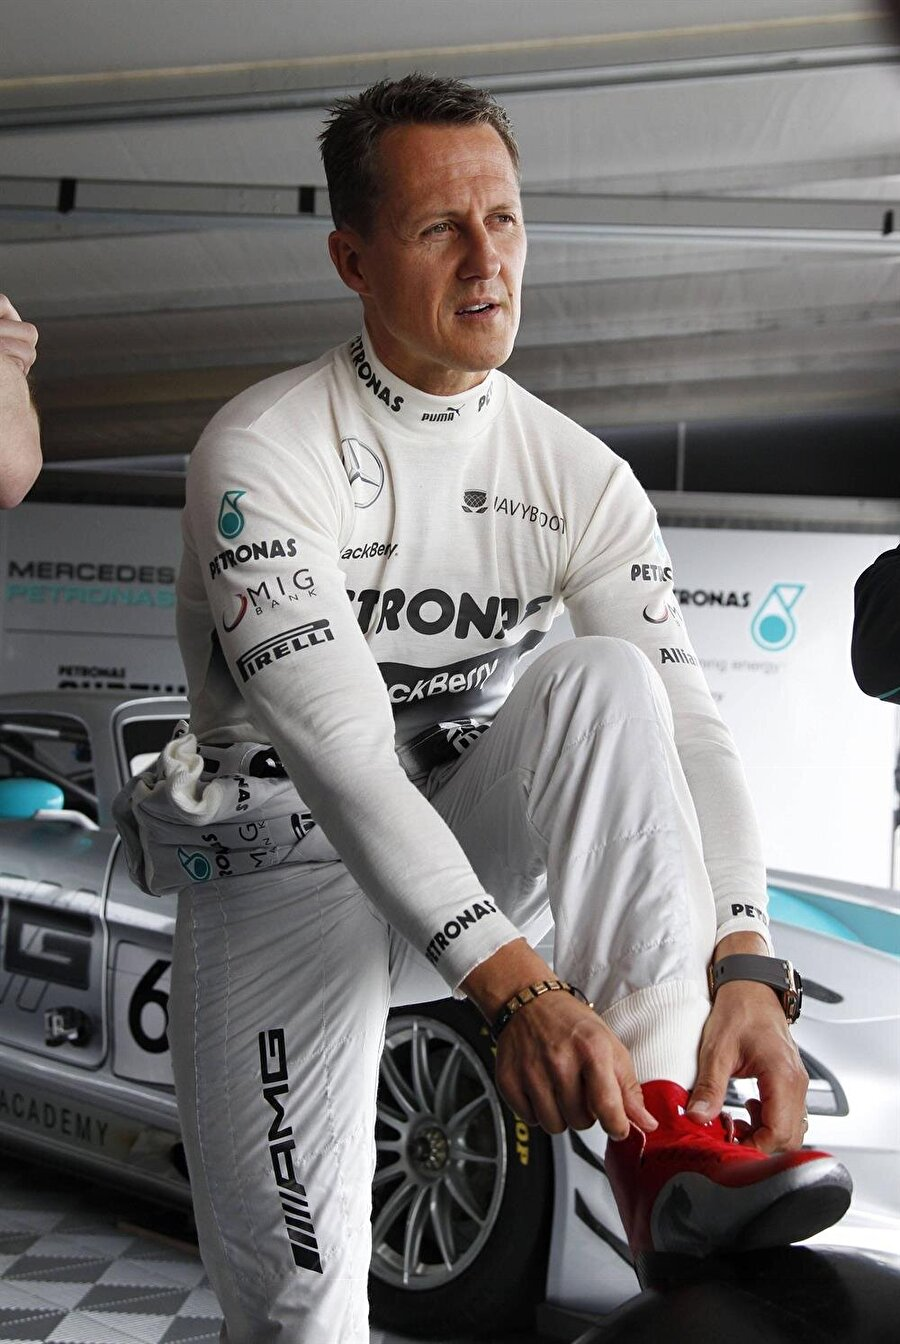 Efsane geri döndü                                      Başarılı pilot 2009 yılında ise Mercedes ile Formula 1'e geri döndü.